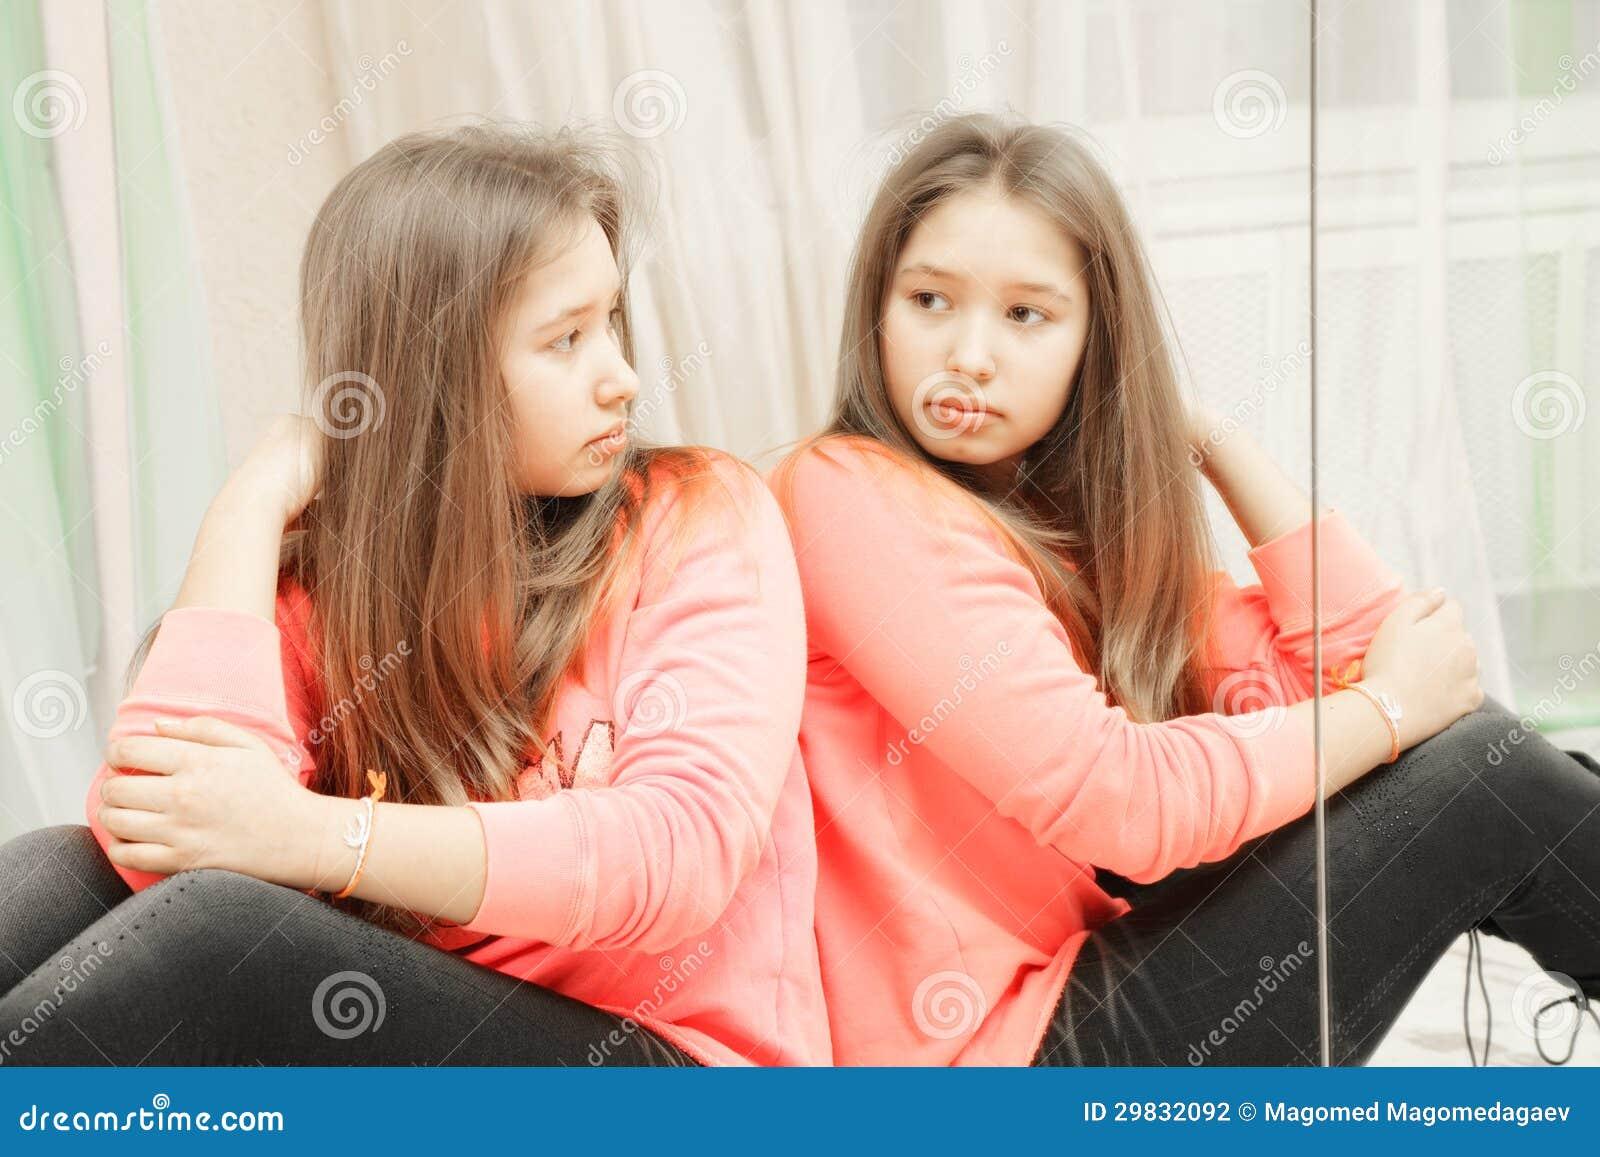 Adolescente que olha seu close up da reflexão